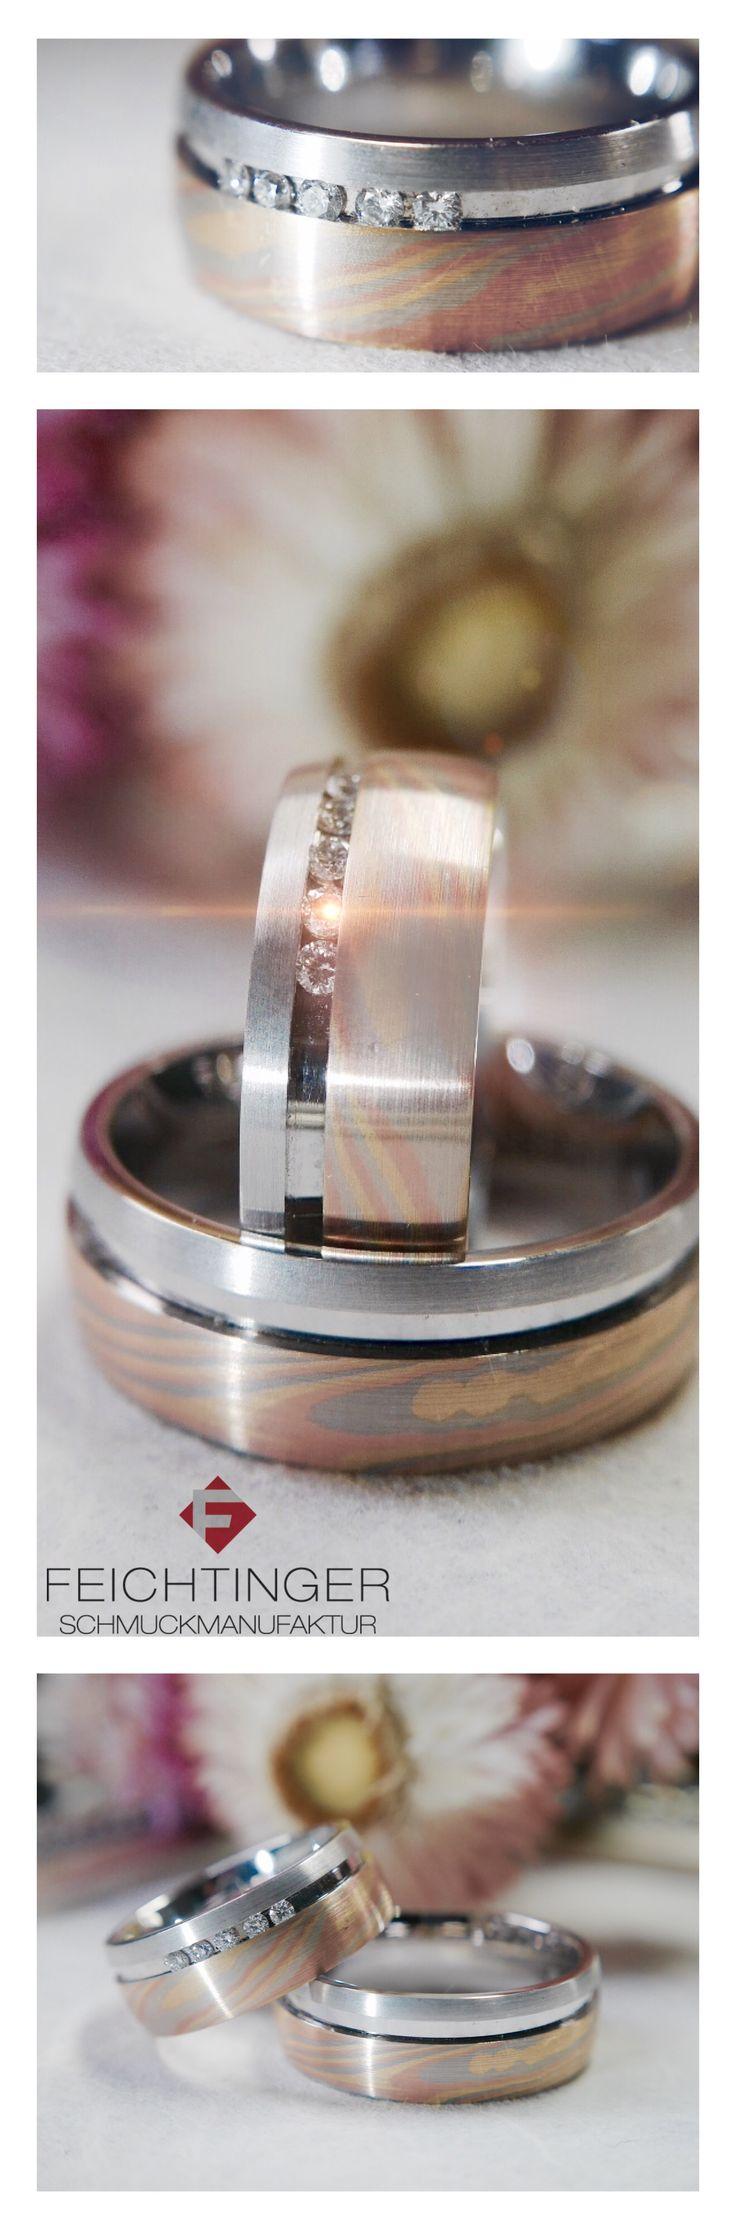 ❤Die Liebe hat viele Farben!❤ ❤Eheringset, Gold 585, Tricolor, Brillant: http://www.feichtinger.biz/Eheringe/Eheringset-oxid-119.html  #schmuck #feichtinger #feichtingerschmuck #schmuckhandelfeichtinger #ehering #eheringe #hochzeit #hochzeitsschmuck #verlobungsringe #trauringe #madeinaustria #liebe #jewellery #wedding #ring #love #gold #weddingring #weddingrings #memoirering